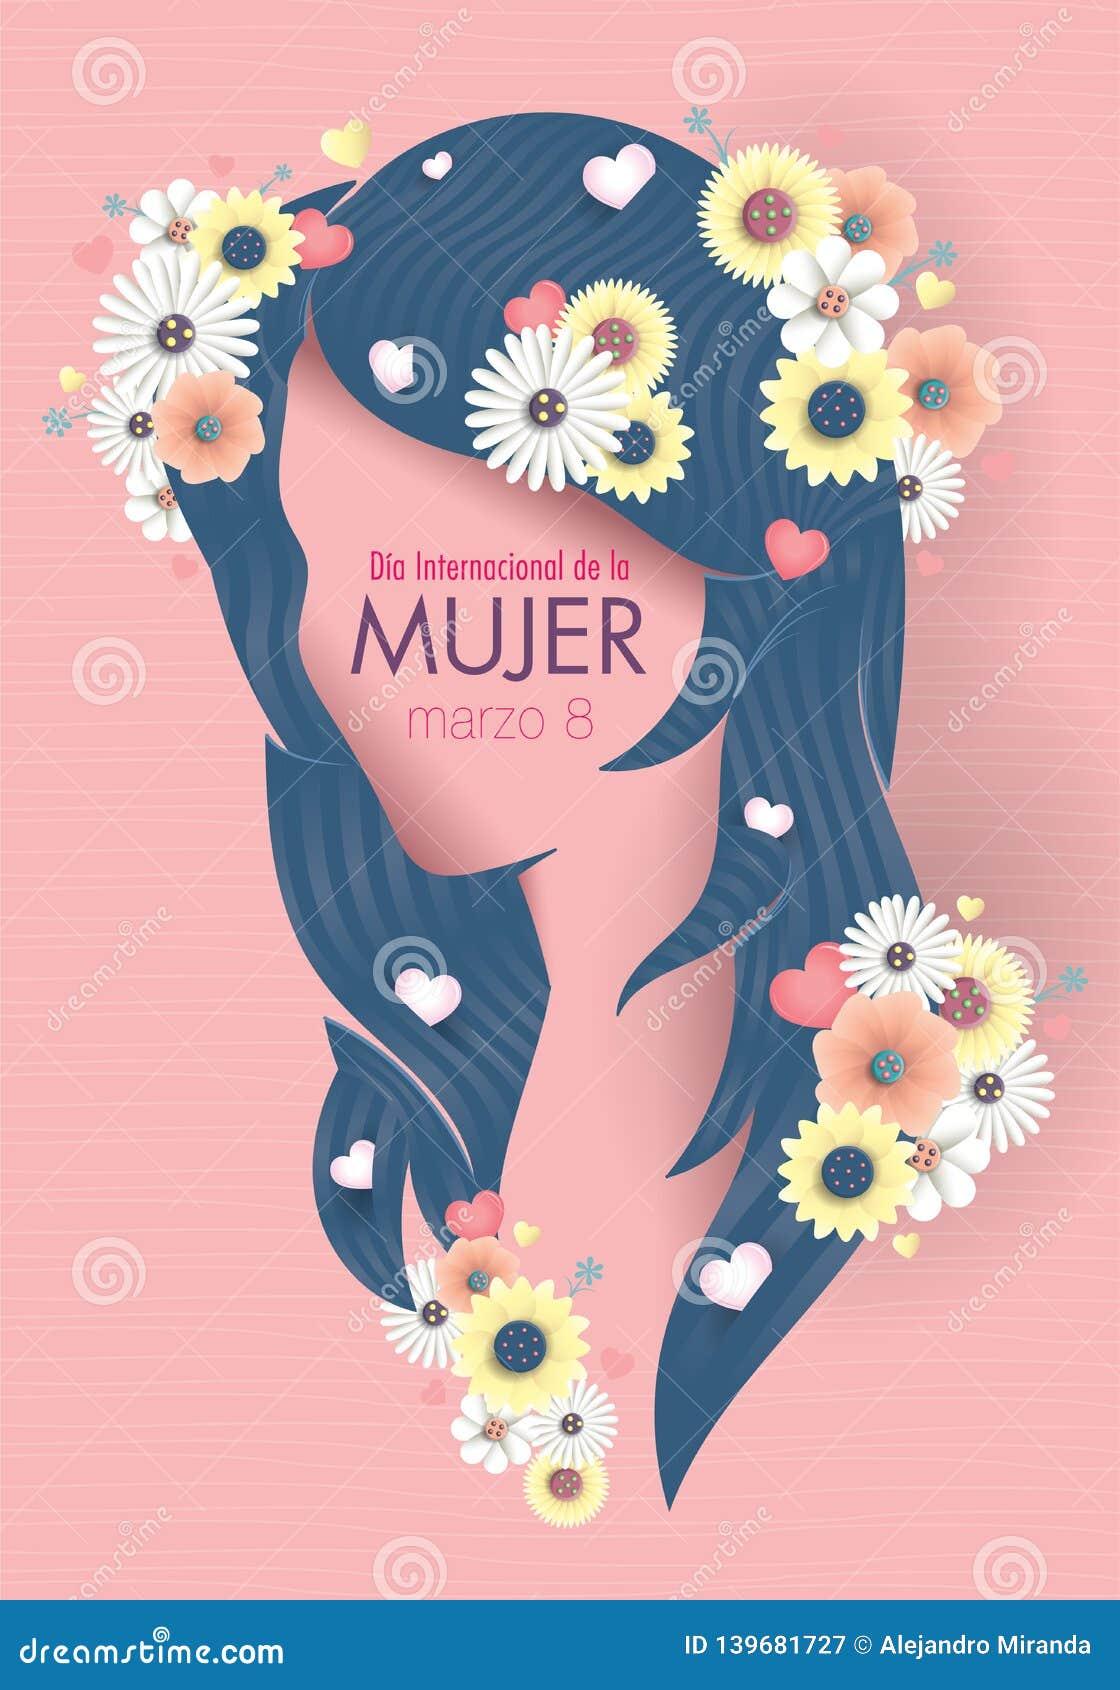 Kartka Z Pozdrowieniami MIĘDZYNARODOWY kobiet S dzień w Hiszpańskim języku Sylwetka kobiety głowa z długim błękitnym włosy dekoro